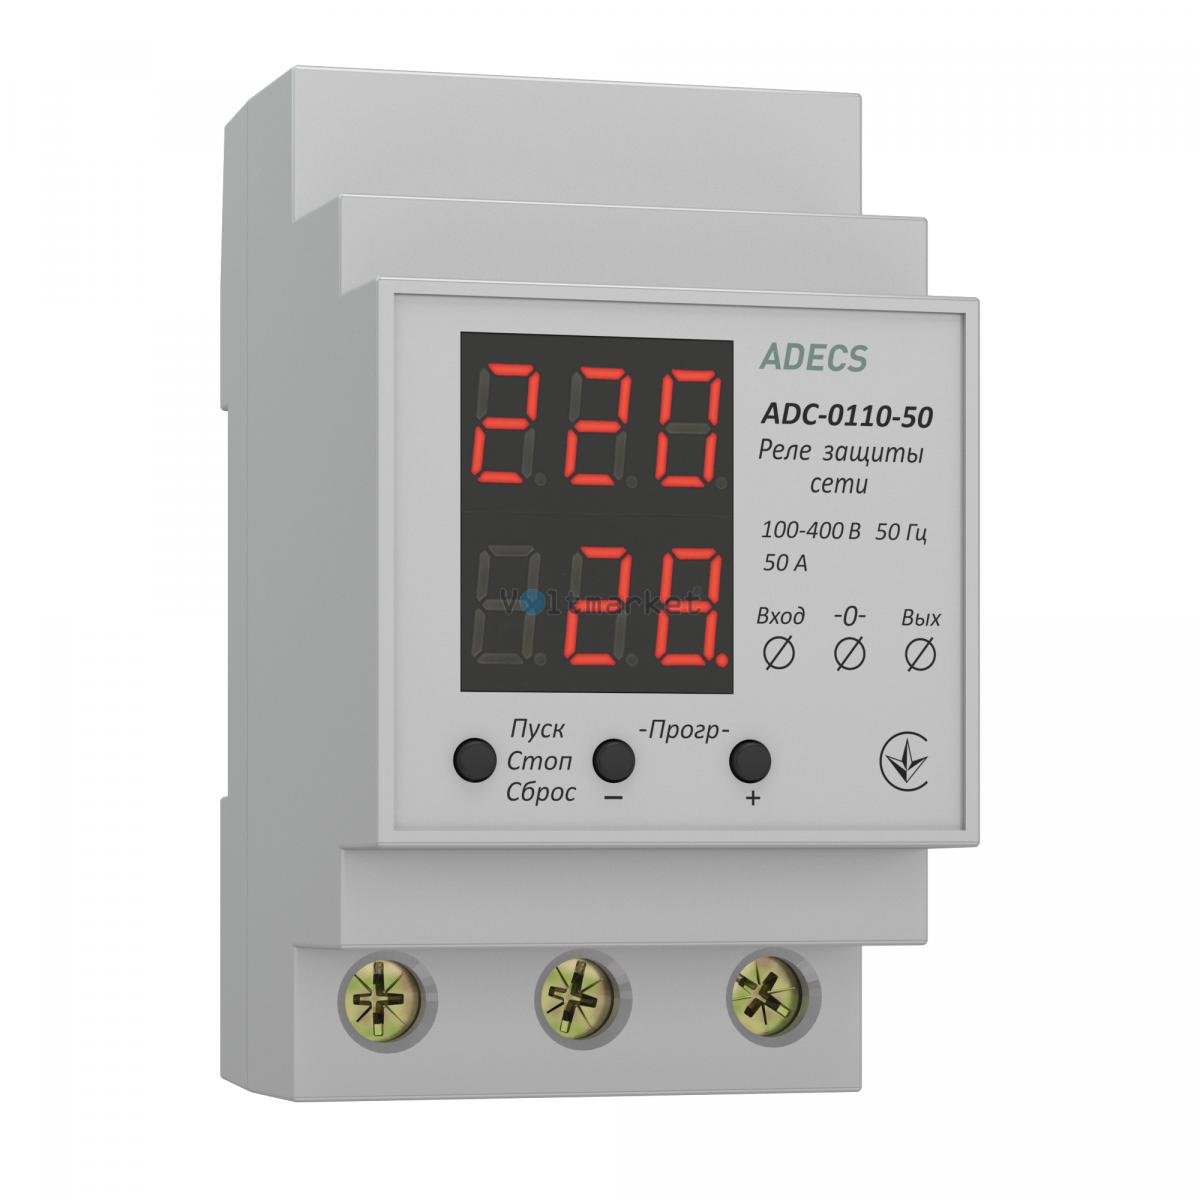 Устройство защиты сети однофазное ADECS ADC-0110-50